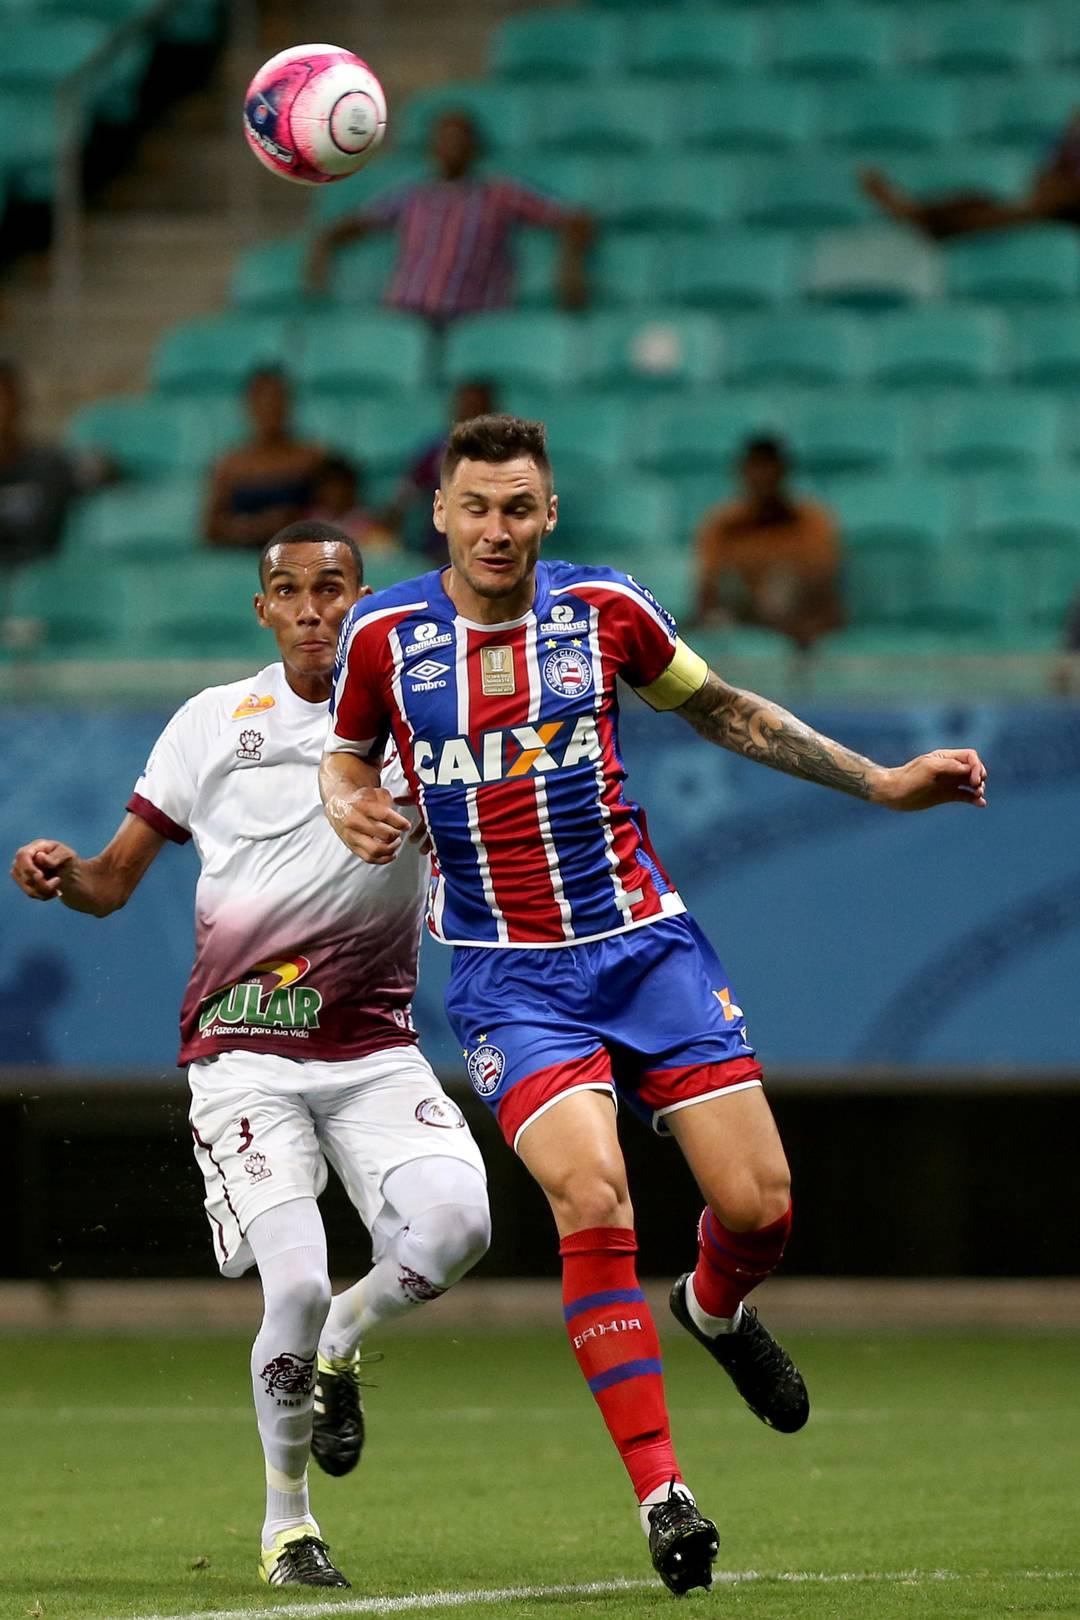 Tiago fez um dos gols do jogo